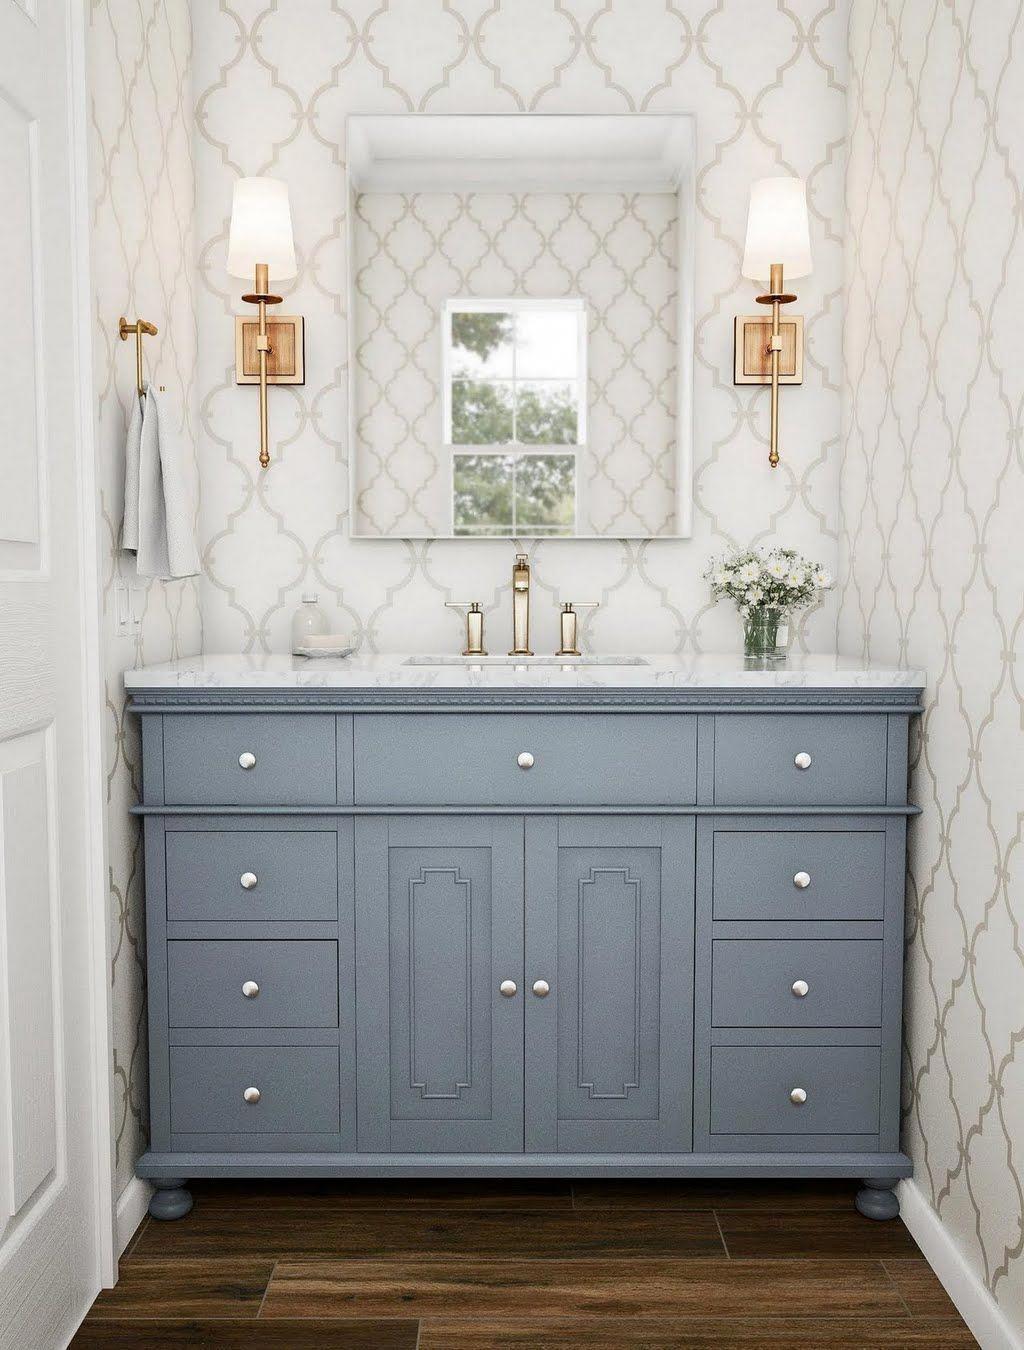 stufurhome 48 in. Abigail Embellished Single Sink Vanity